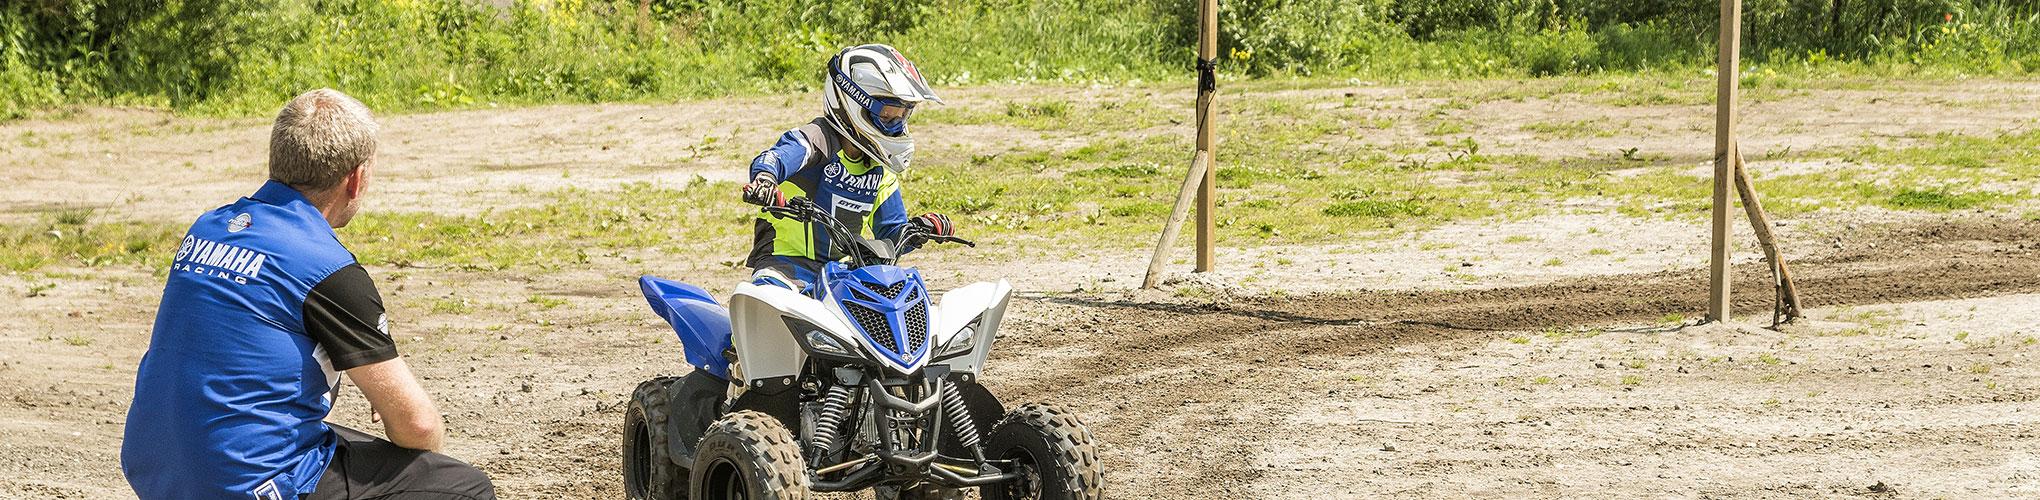 Yamaha YFM90 | MotorCentrumWest